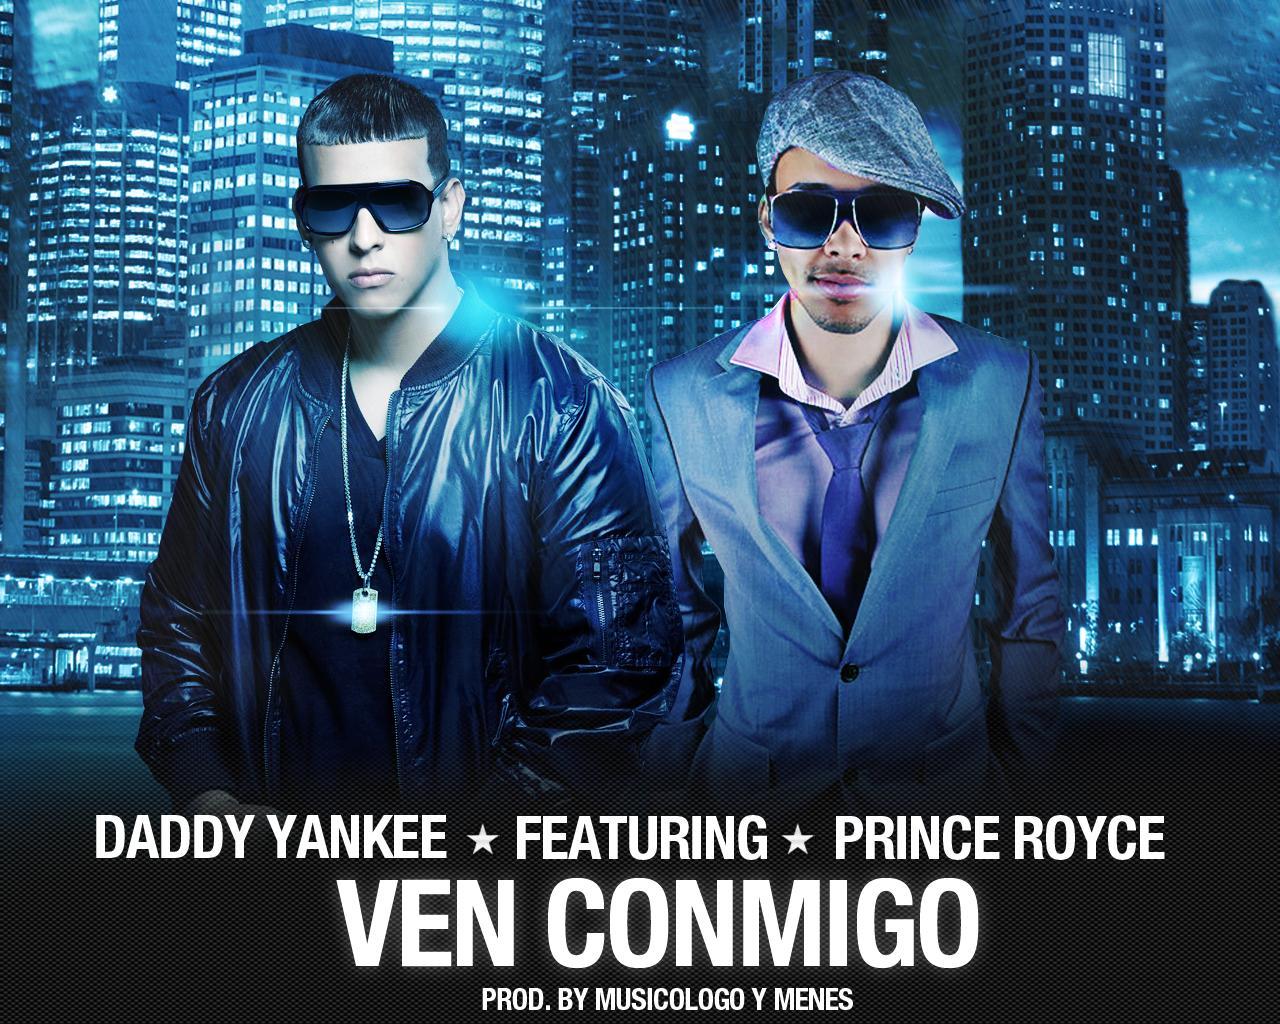 http://4.bp.blogspot.com/-_uUfzy9VgmQ/TrCI59QK1HI/AAAAAAAAAGM/muiD_aWTftQ/s1600/daddy-yankee-ven-conmigo-prince-royce2.jpg